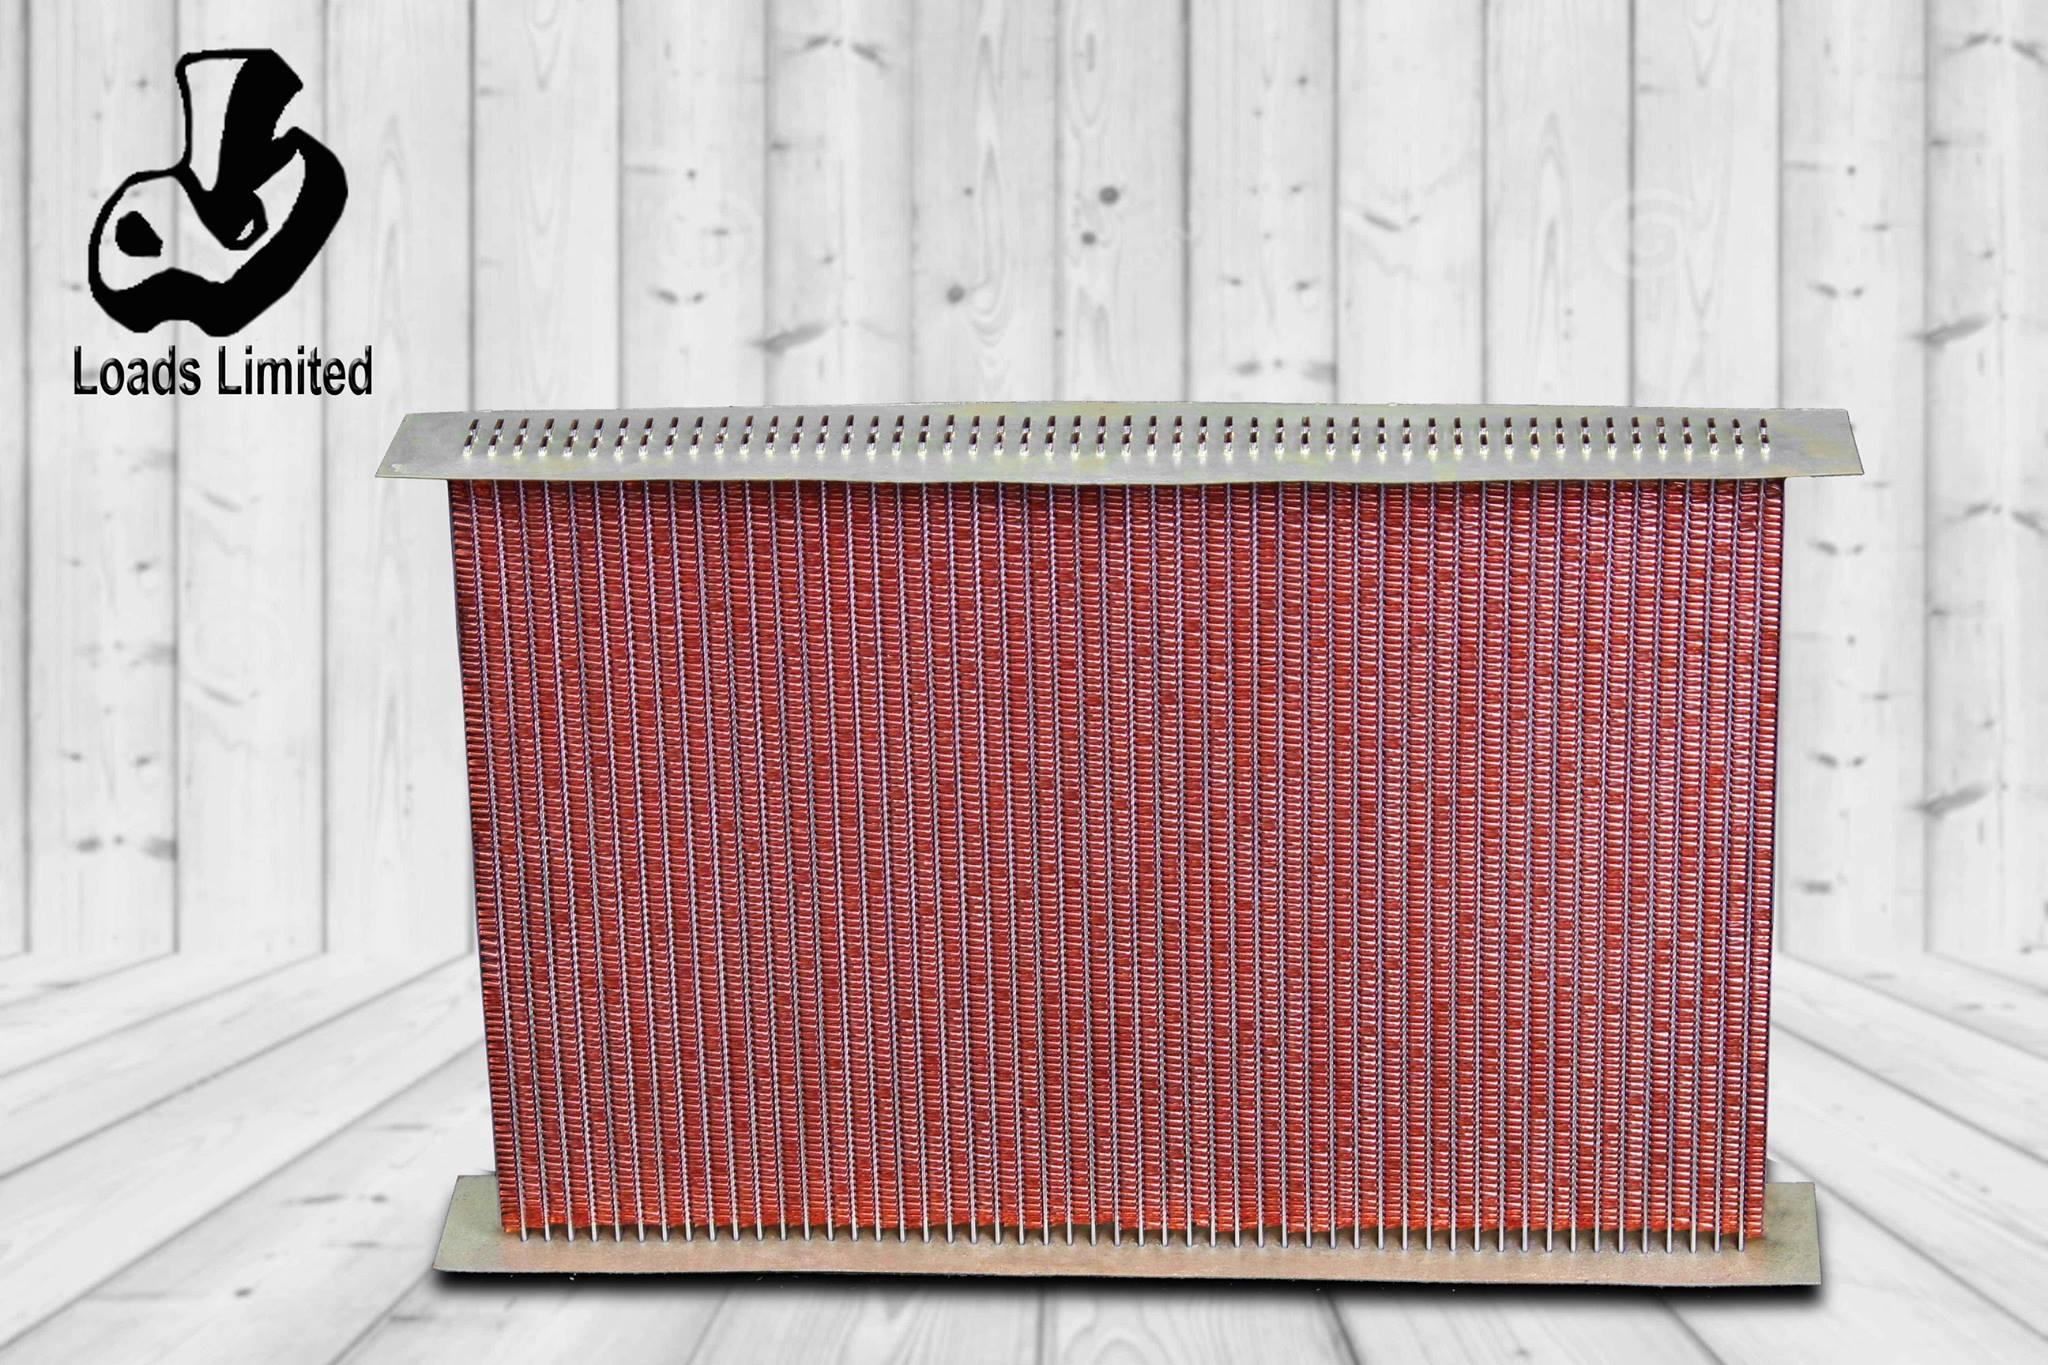 RADIATOR CORE (FLAT FIN) SIZE: 14 x 20 5/8 — 2 ROW